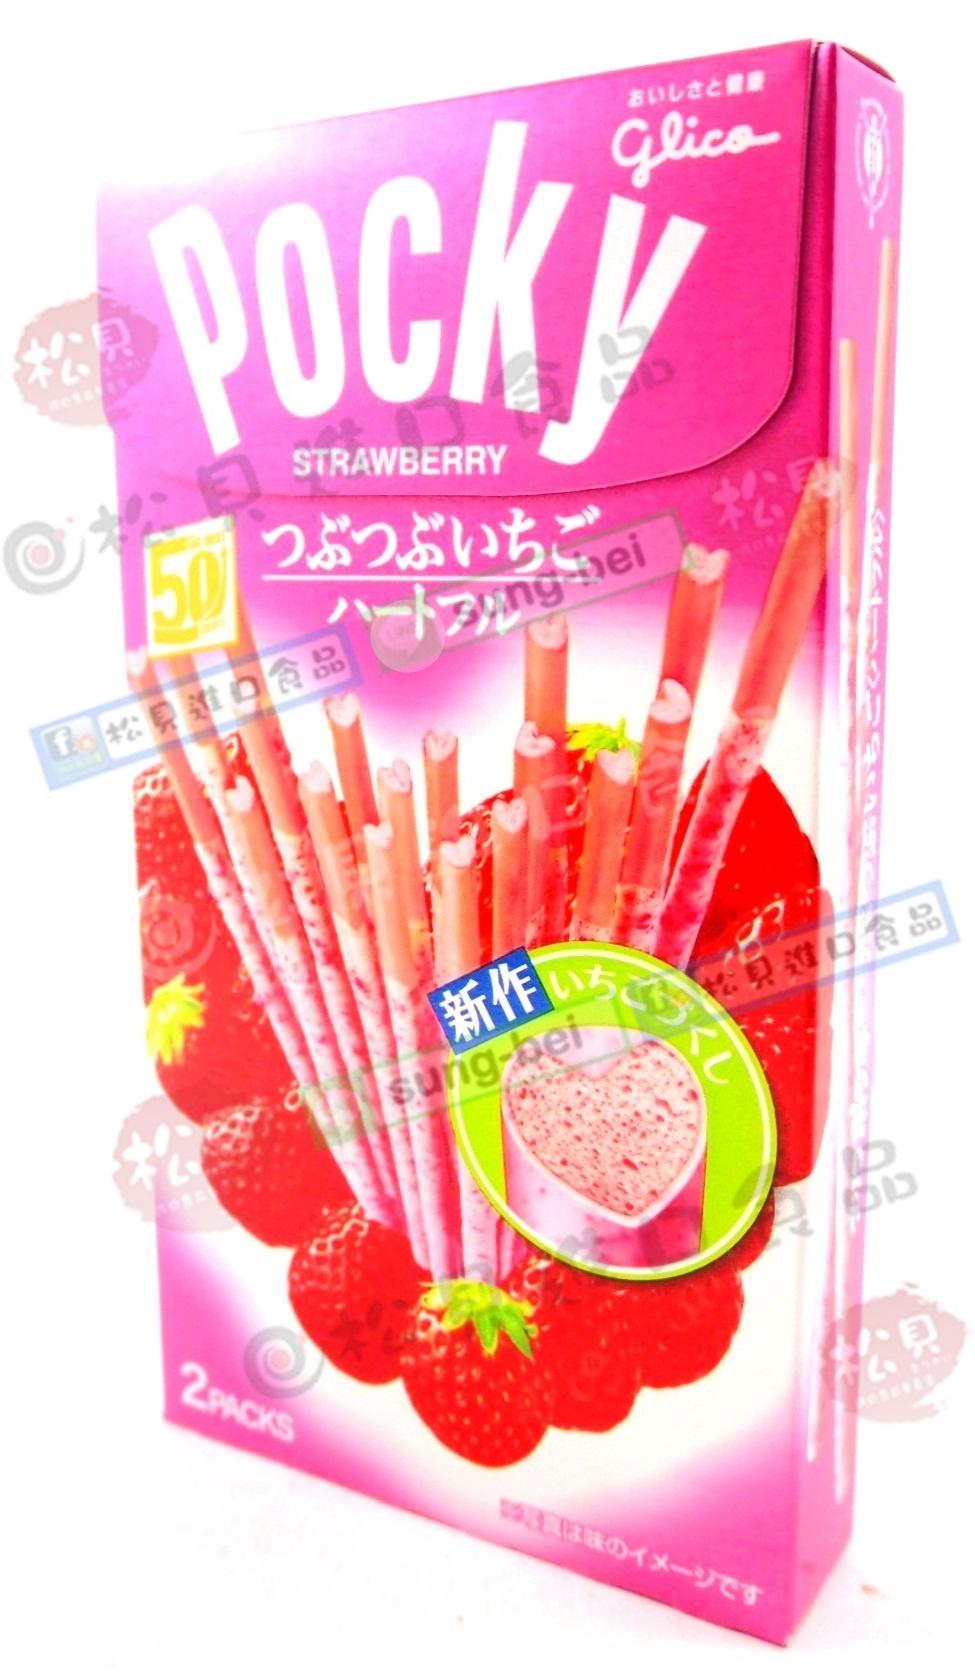 固力果Pocky顆粒草莓棒58g【4901005510005】